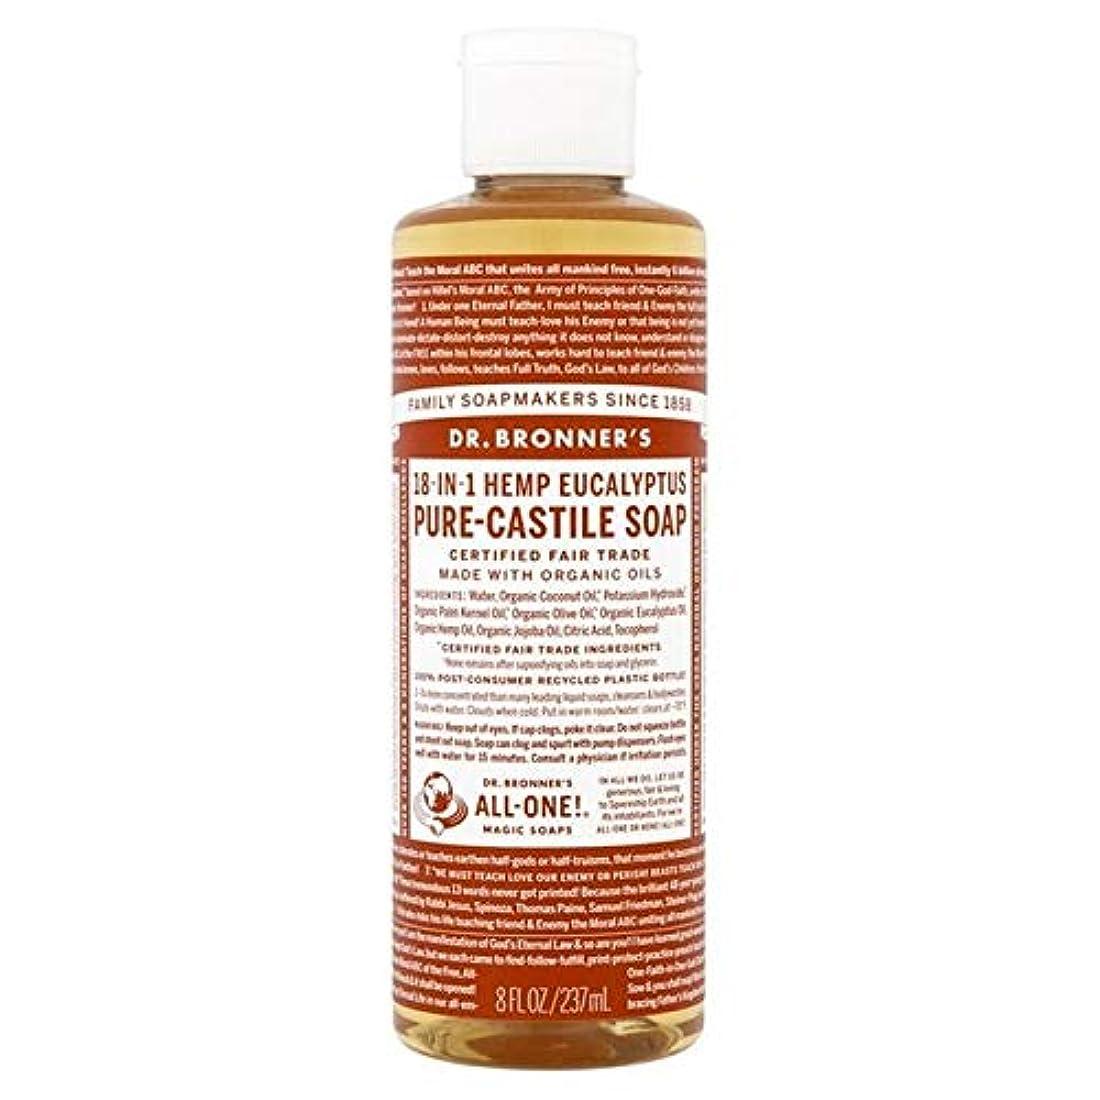 ガス湖長椅子[Dr Bronner] Dr。ブロナーズ有機ユーカリの純粋な-カスティーリャ液体石鹸237ミリリットル - Dr. Bronner's Organic Eucalyptus Pure-Castile Liquid Soap 237ml [並行輸入品]